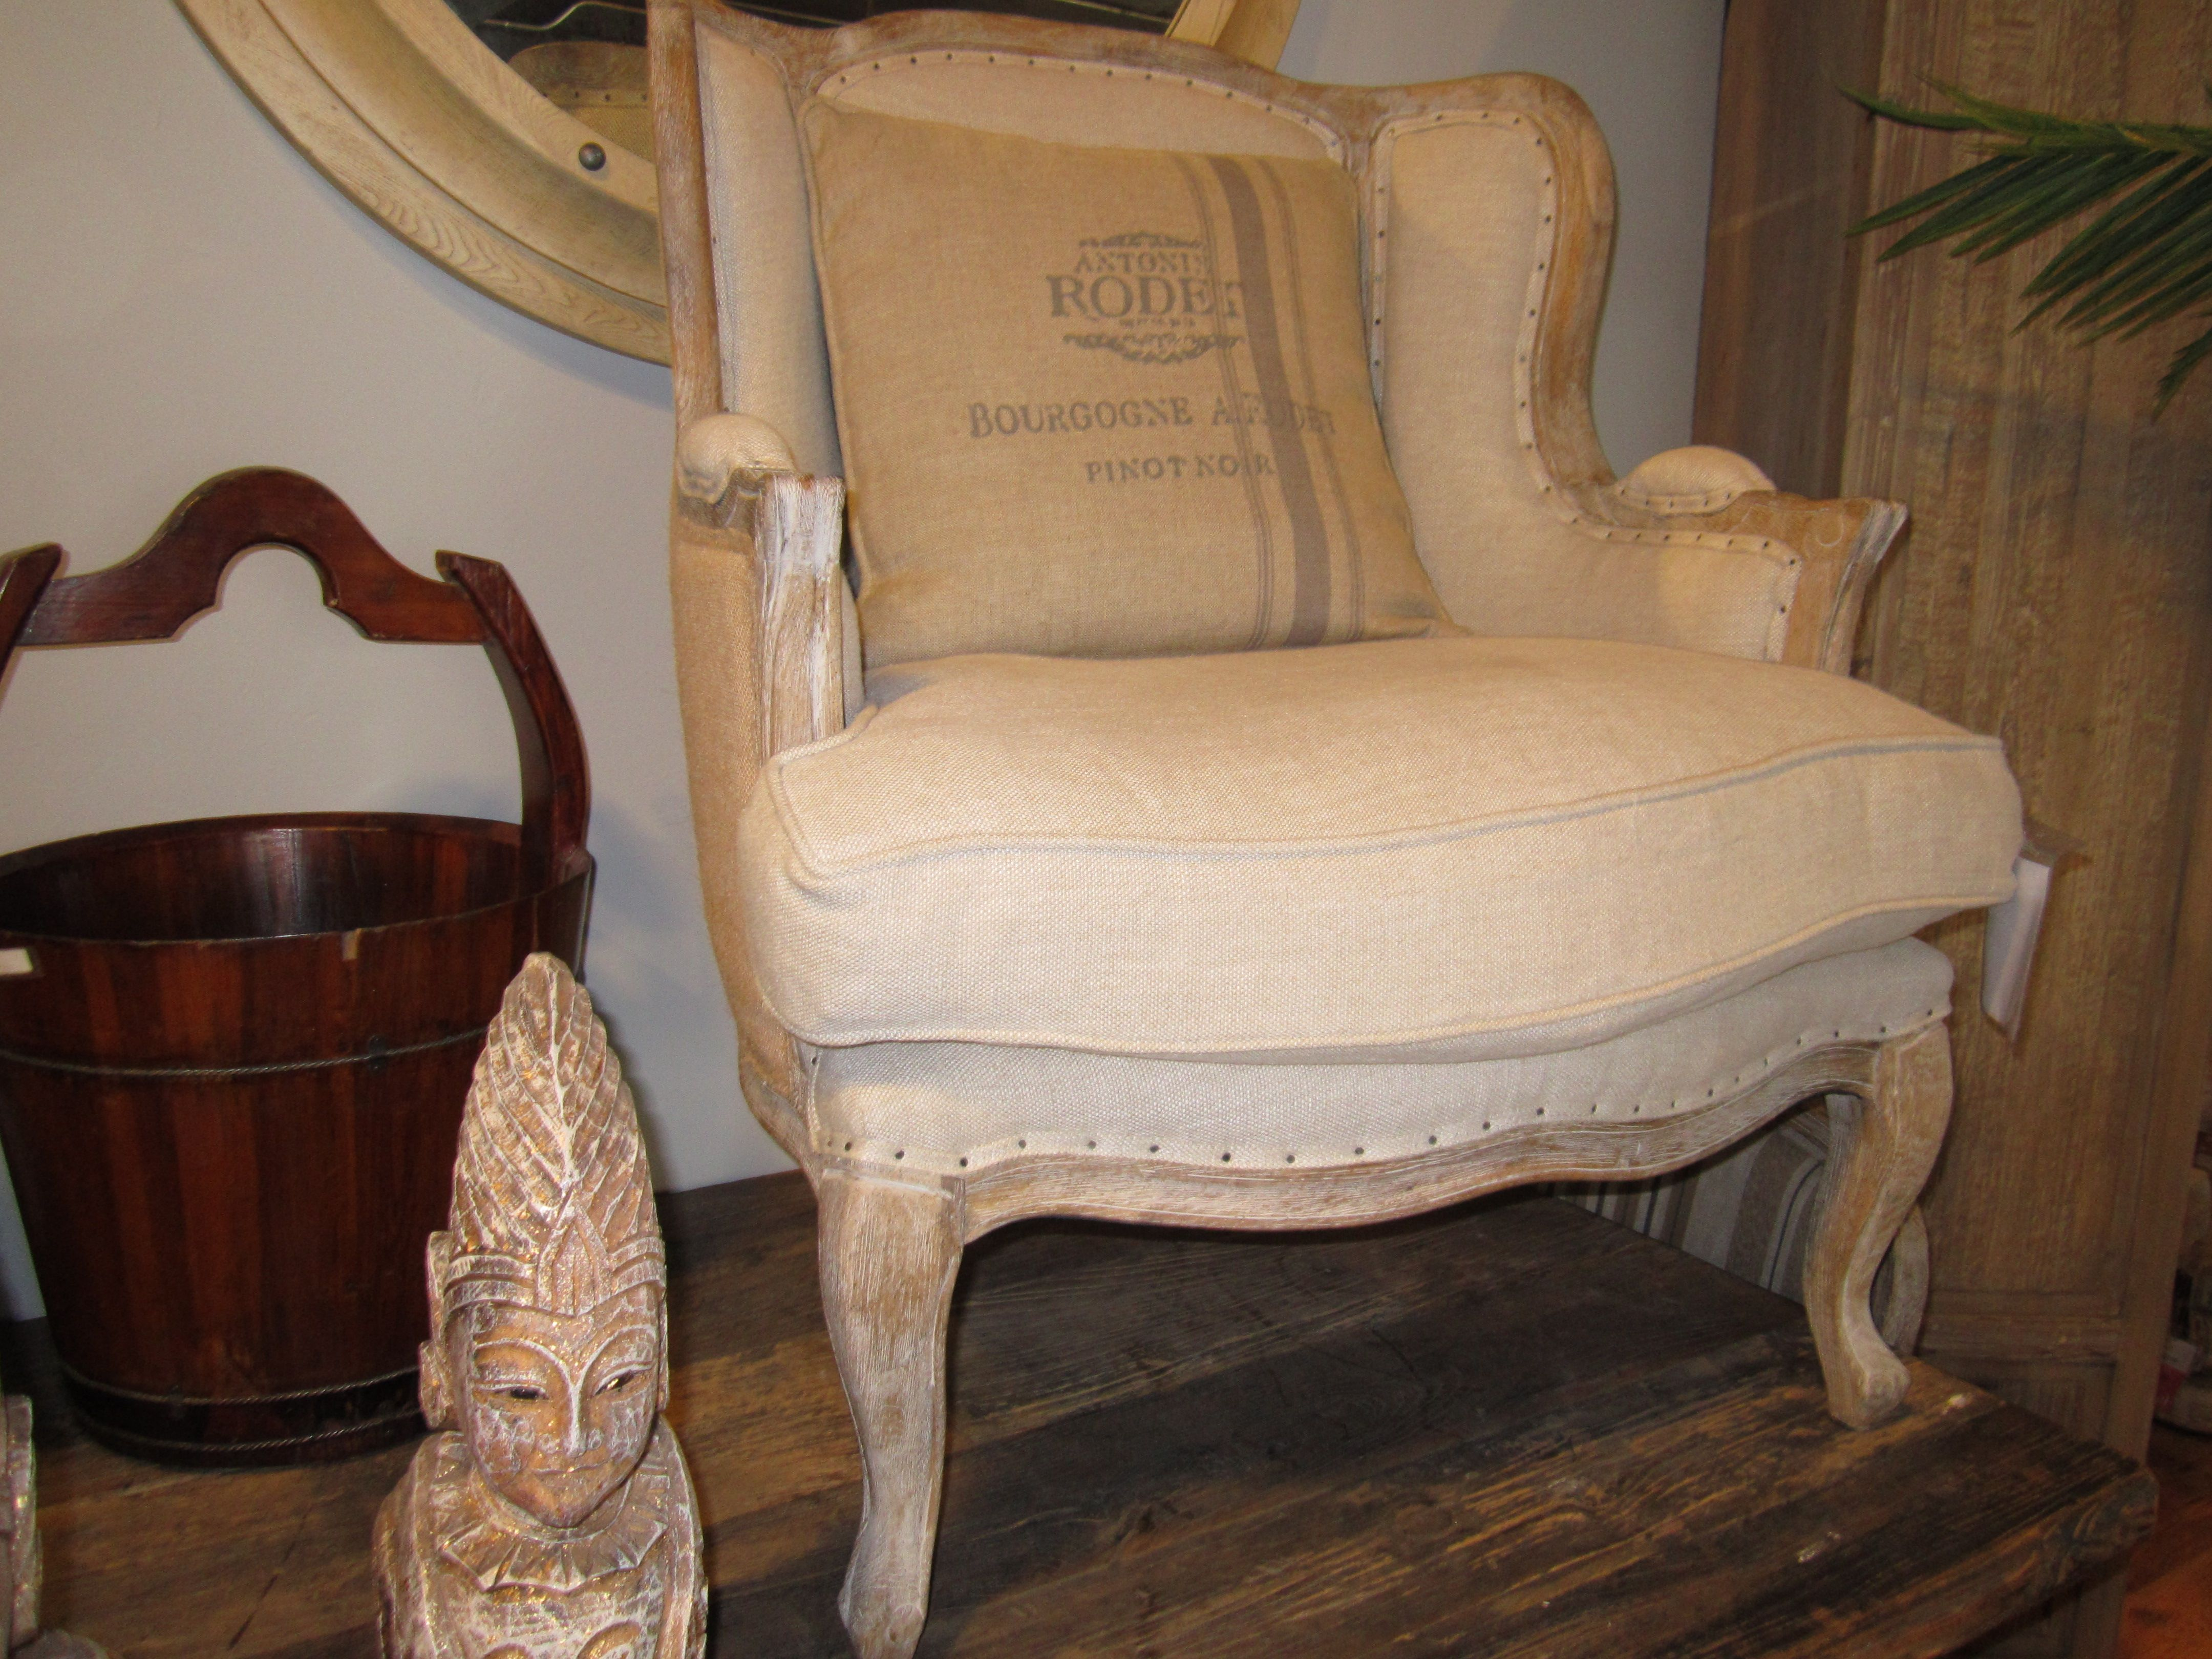 Silla luis xv un cl sico reinventado sillas luis xv - Sillas luis xv ...